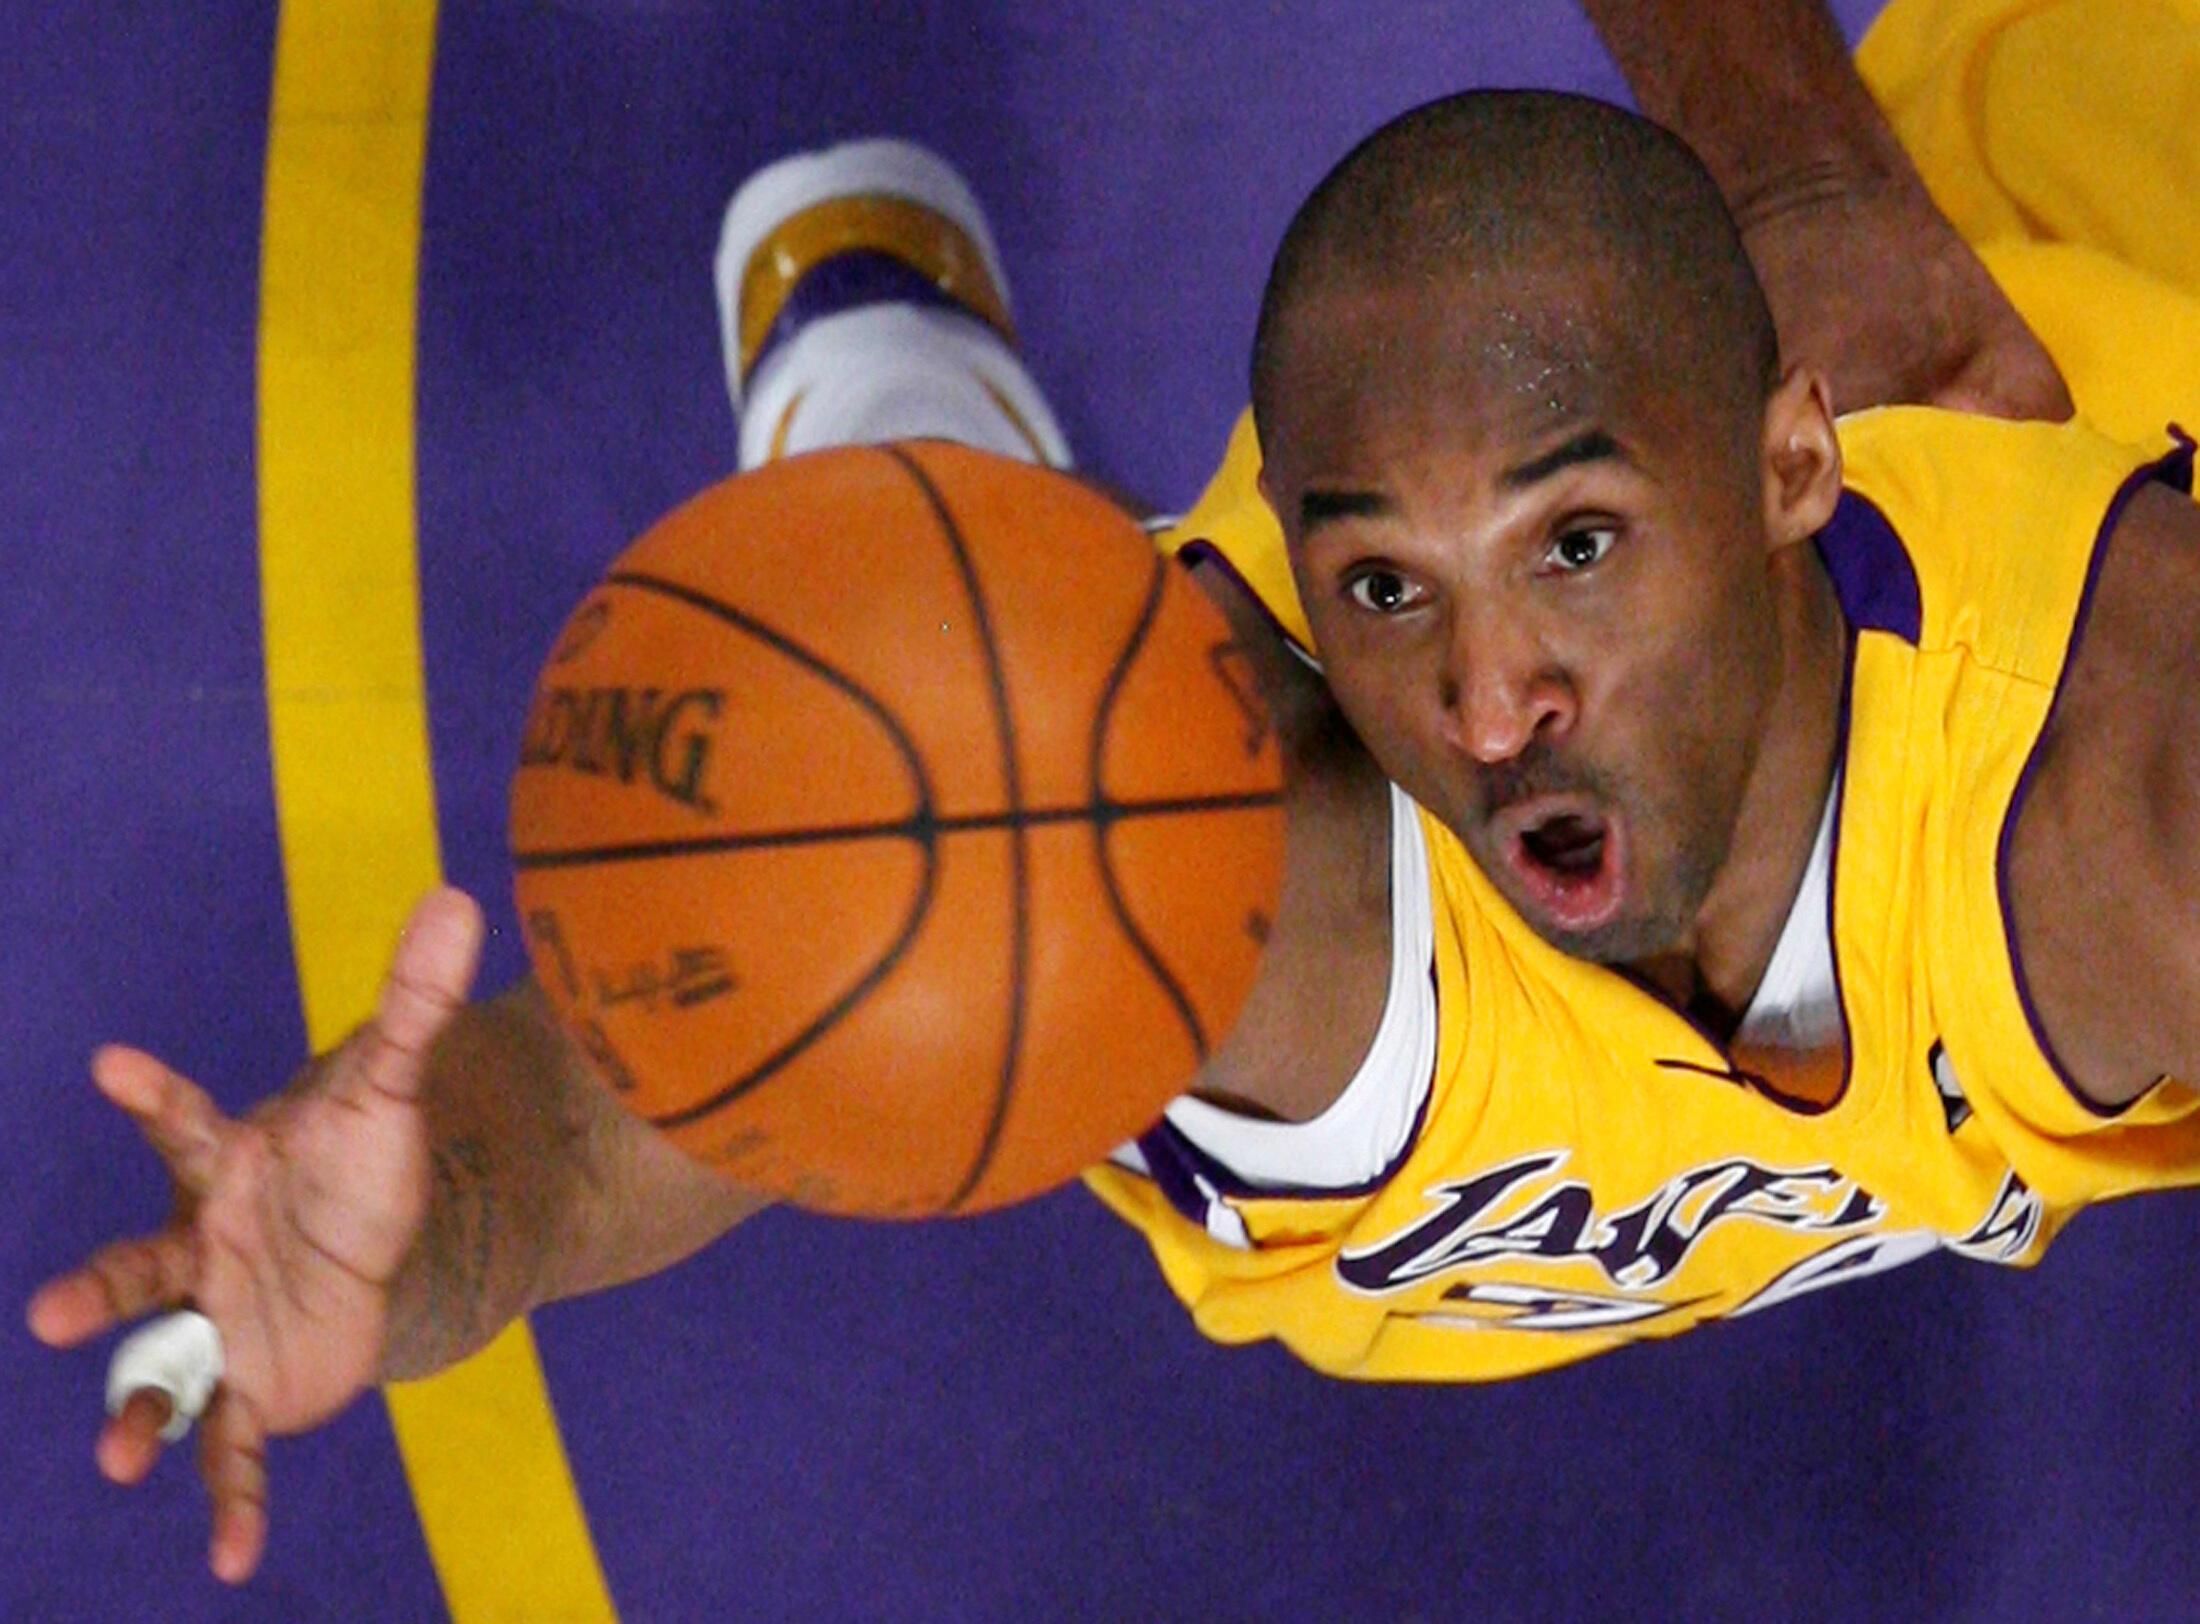 Marigayi Kobe Bryant ya bayar da gagarumar gudunmawa a duniyar kwallon kwando